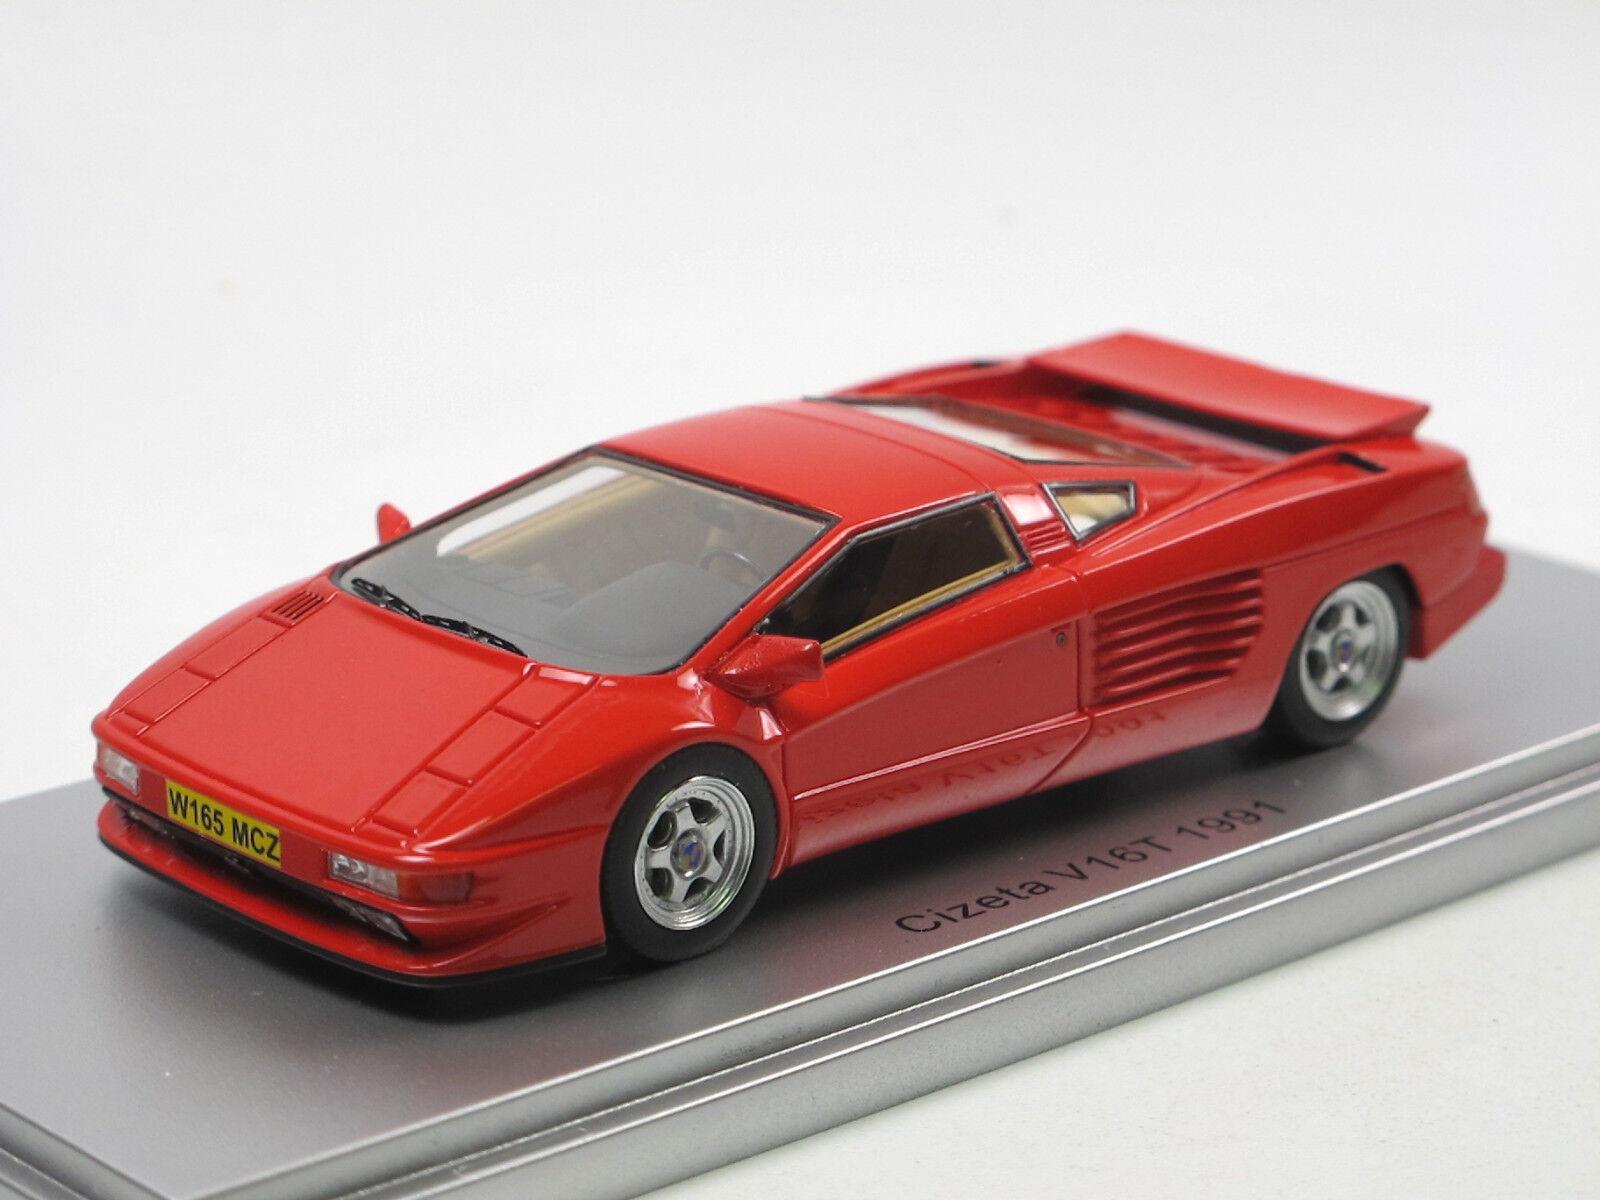 Kess scale models ke43048000 1991 Cizeta v16t rosso 1 43 Limited Edition novedad